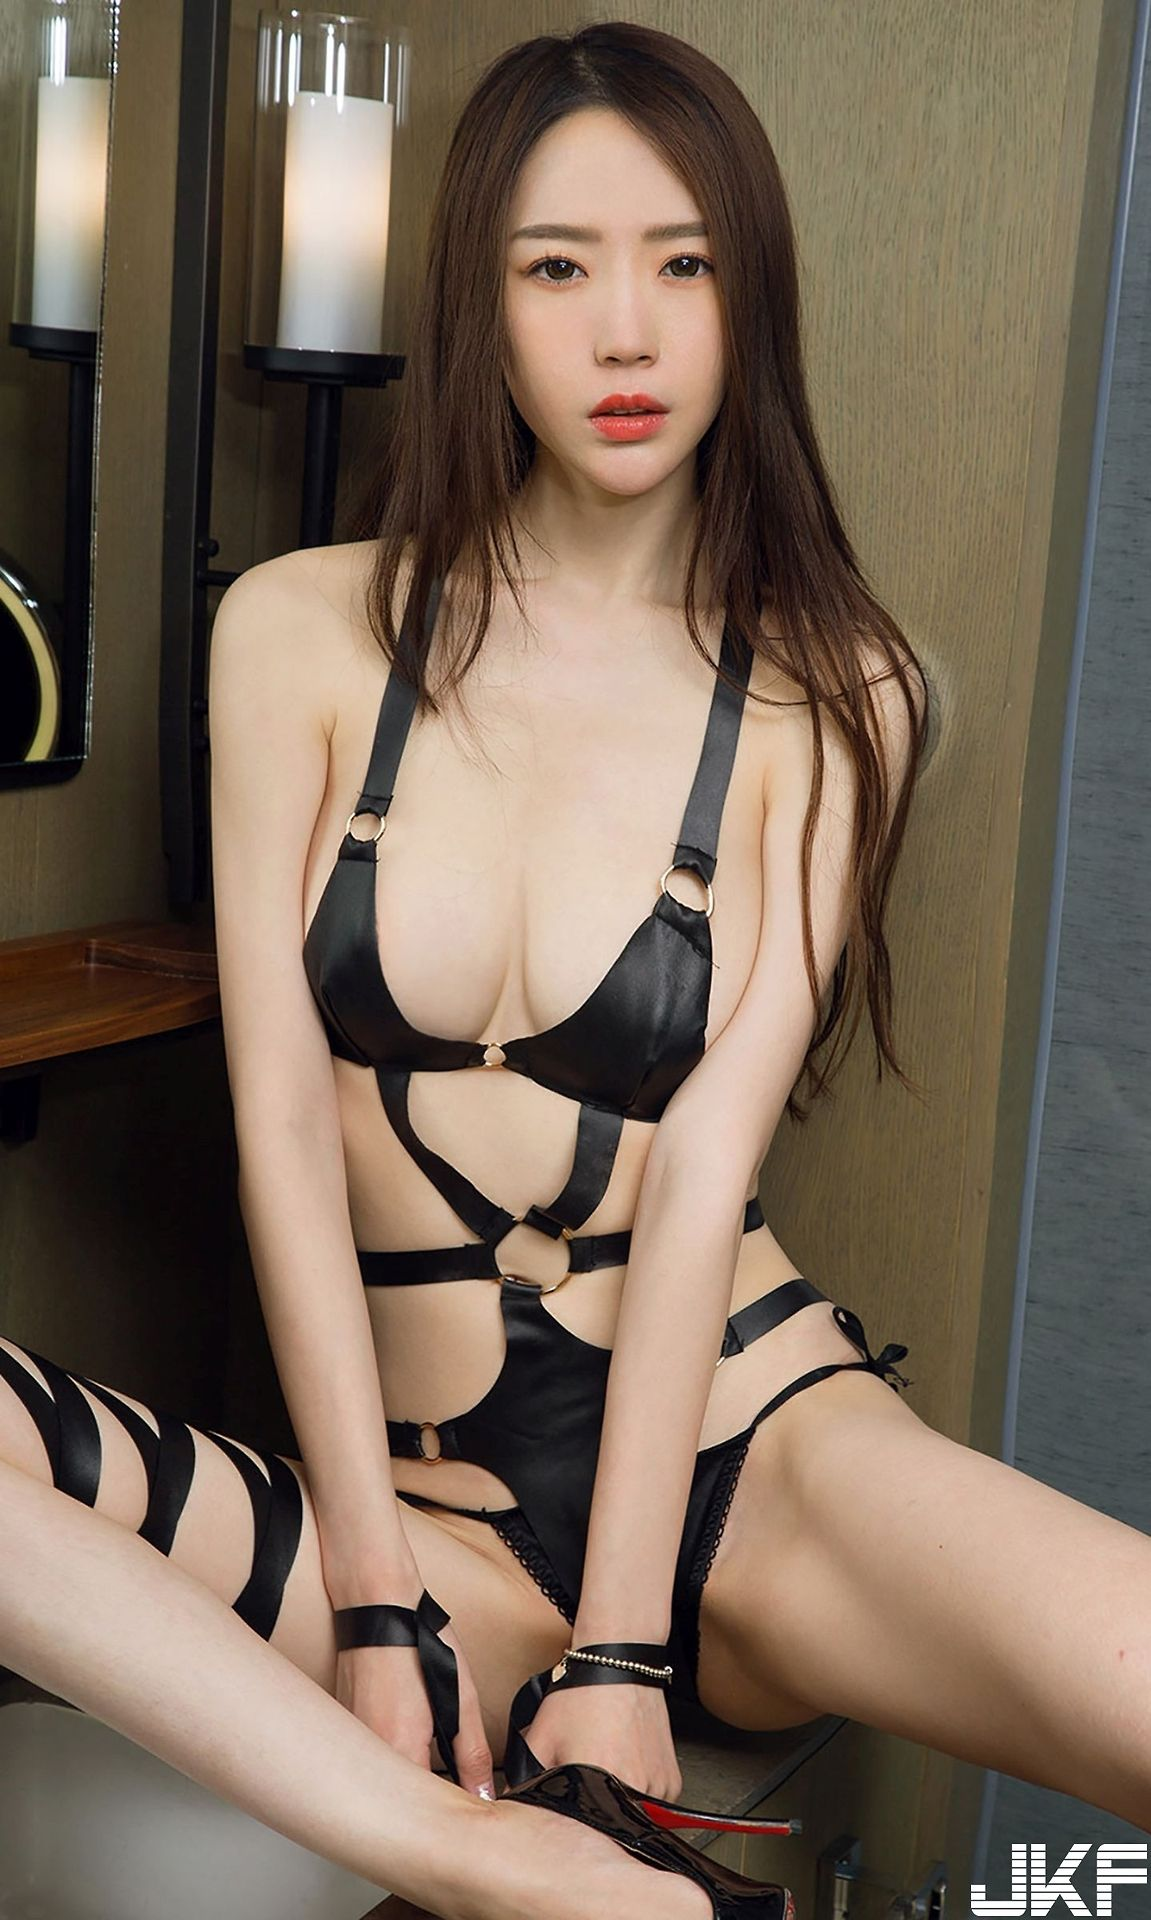 Asian gravure models